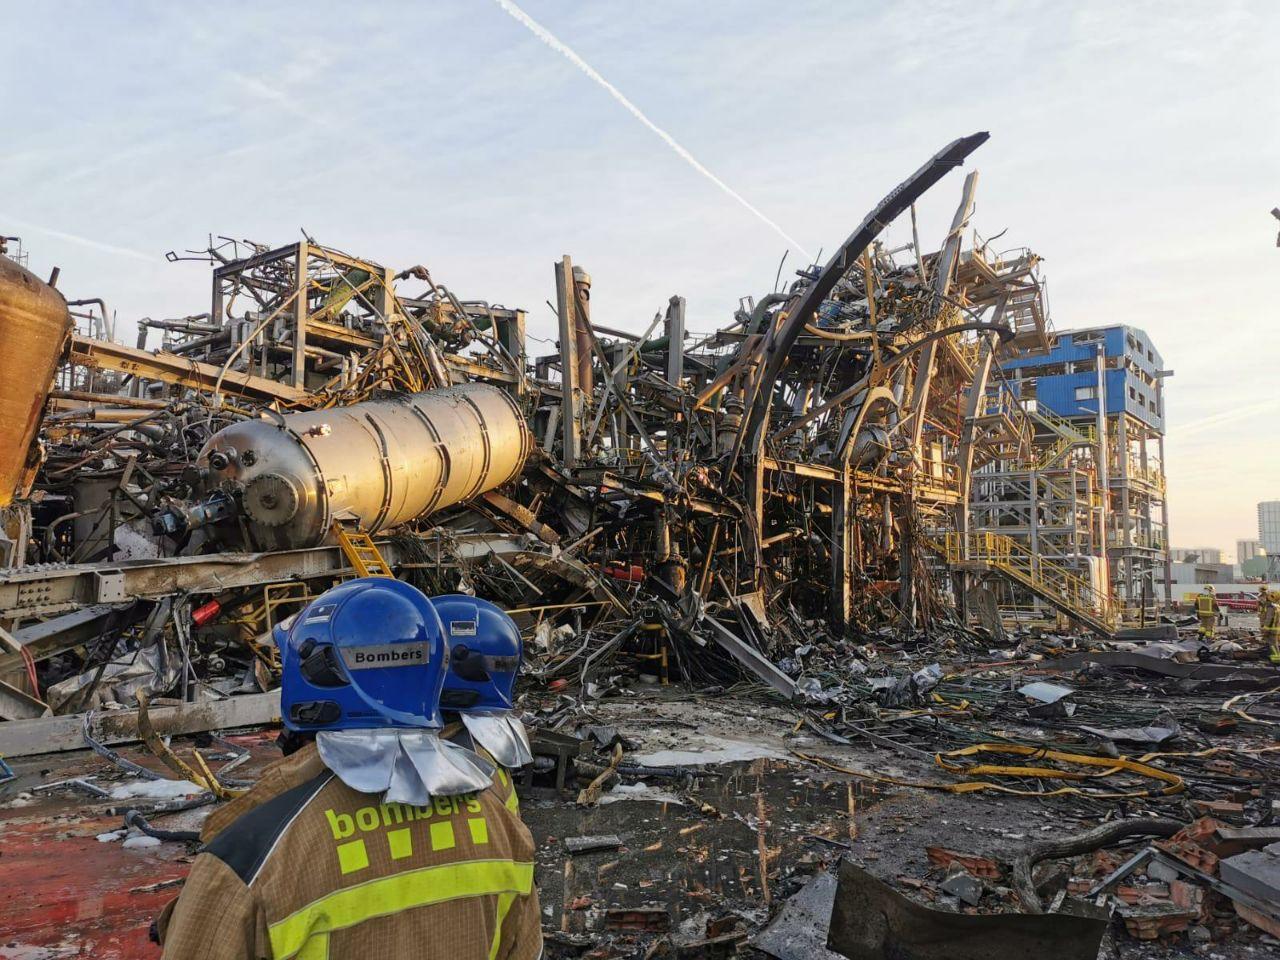 Planta destrossada després de l'explosió química a l'empresa IQOXE de Tarragona el dia 14 de gener de 2020